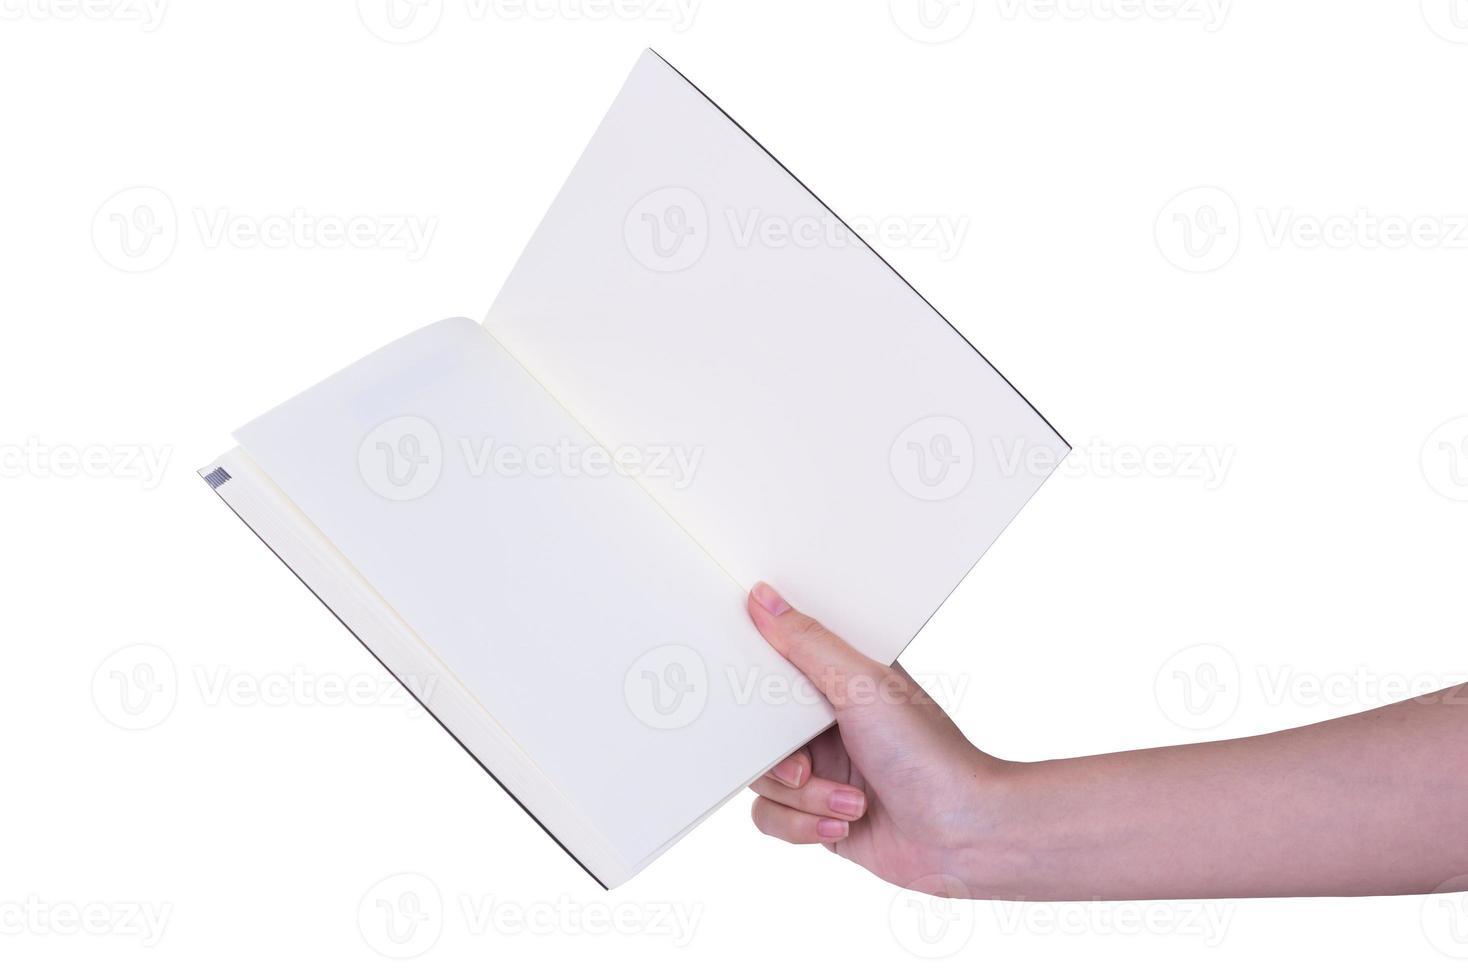 kvinna (kvinna) två händer innehar en tom (tom) bok (anteckning, dagbok) foto